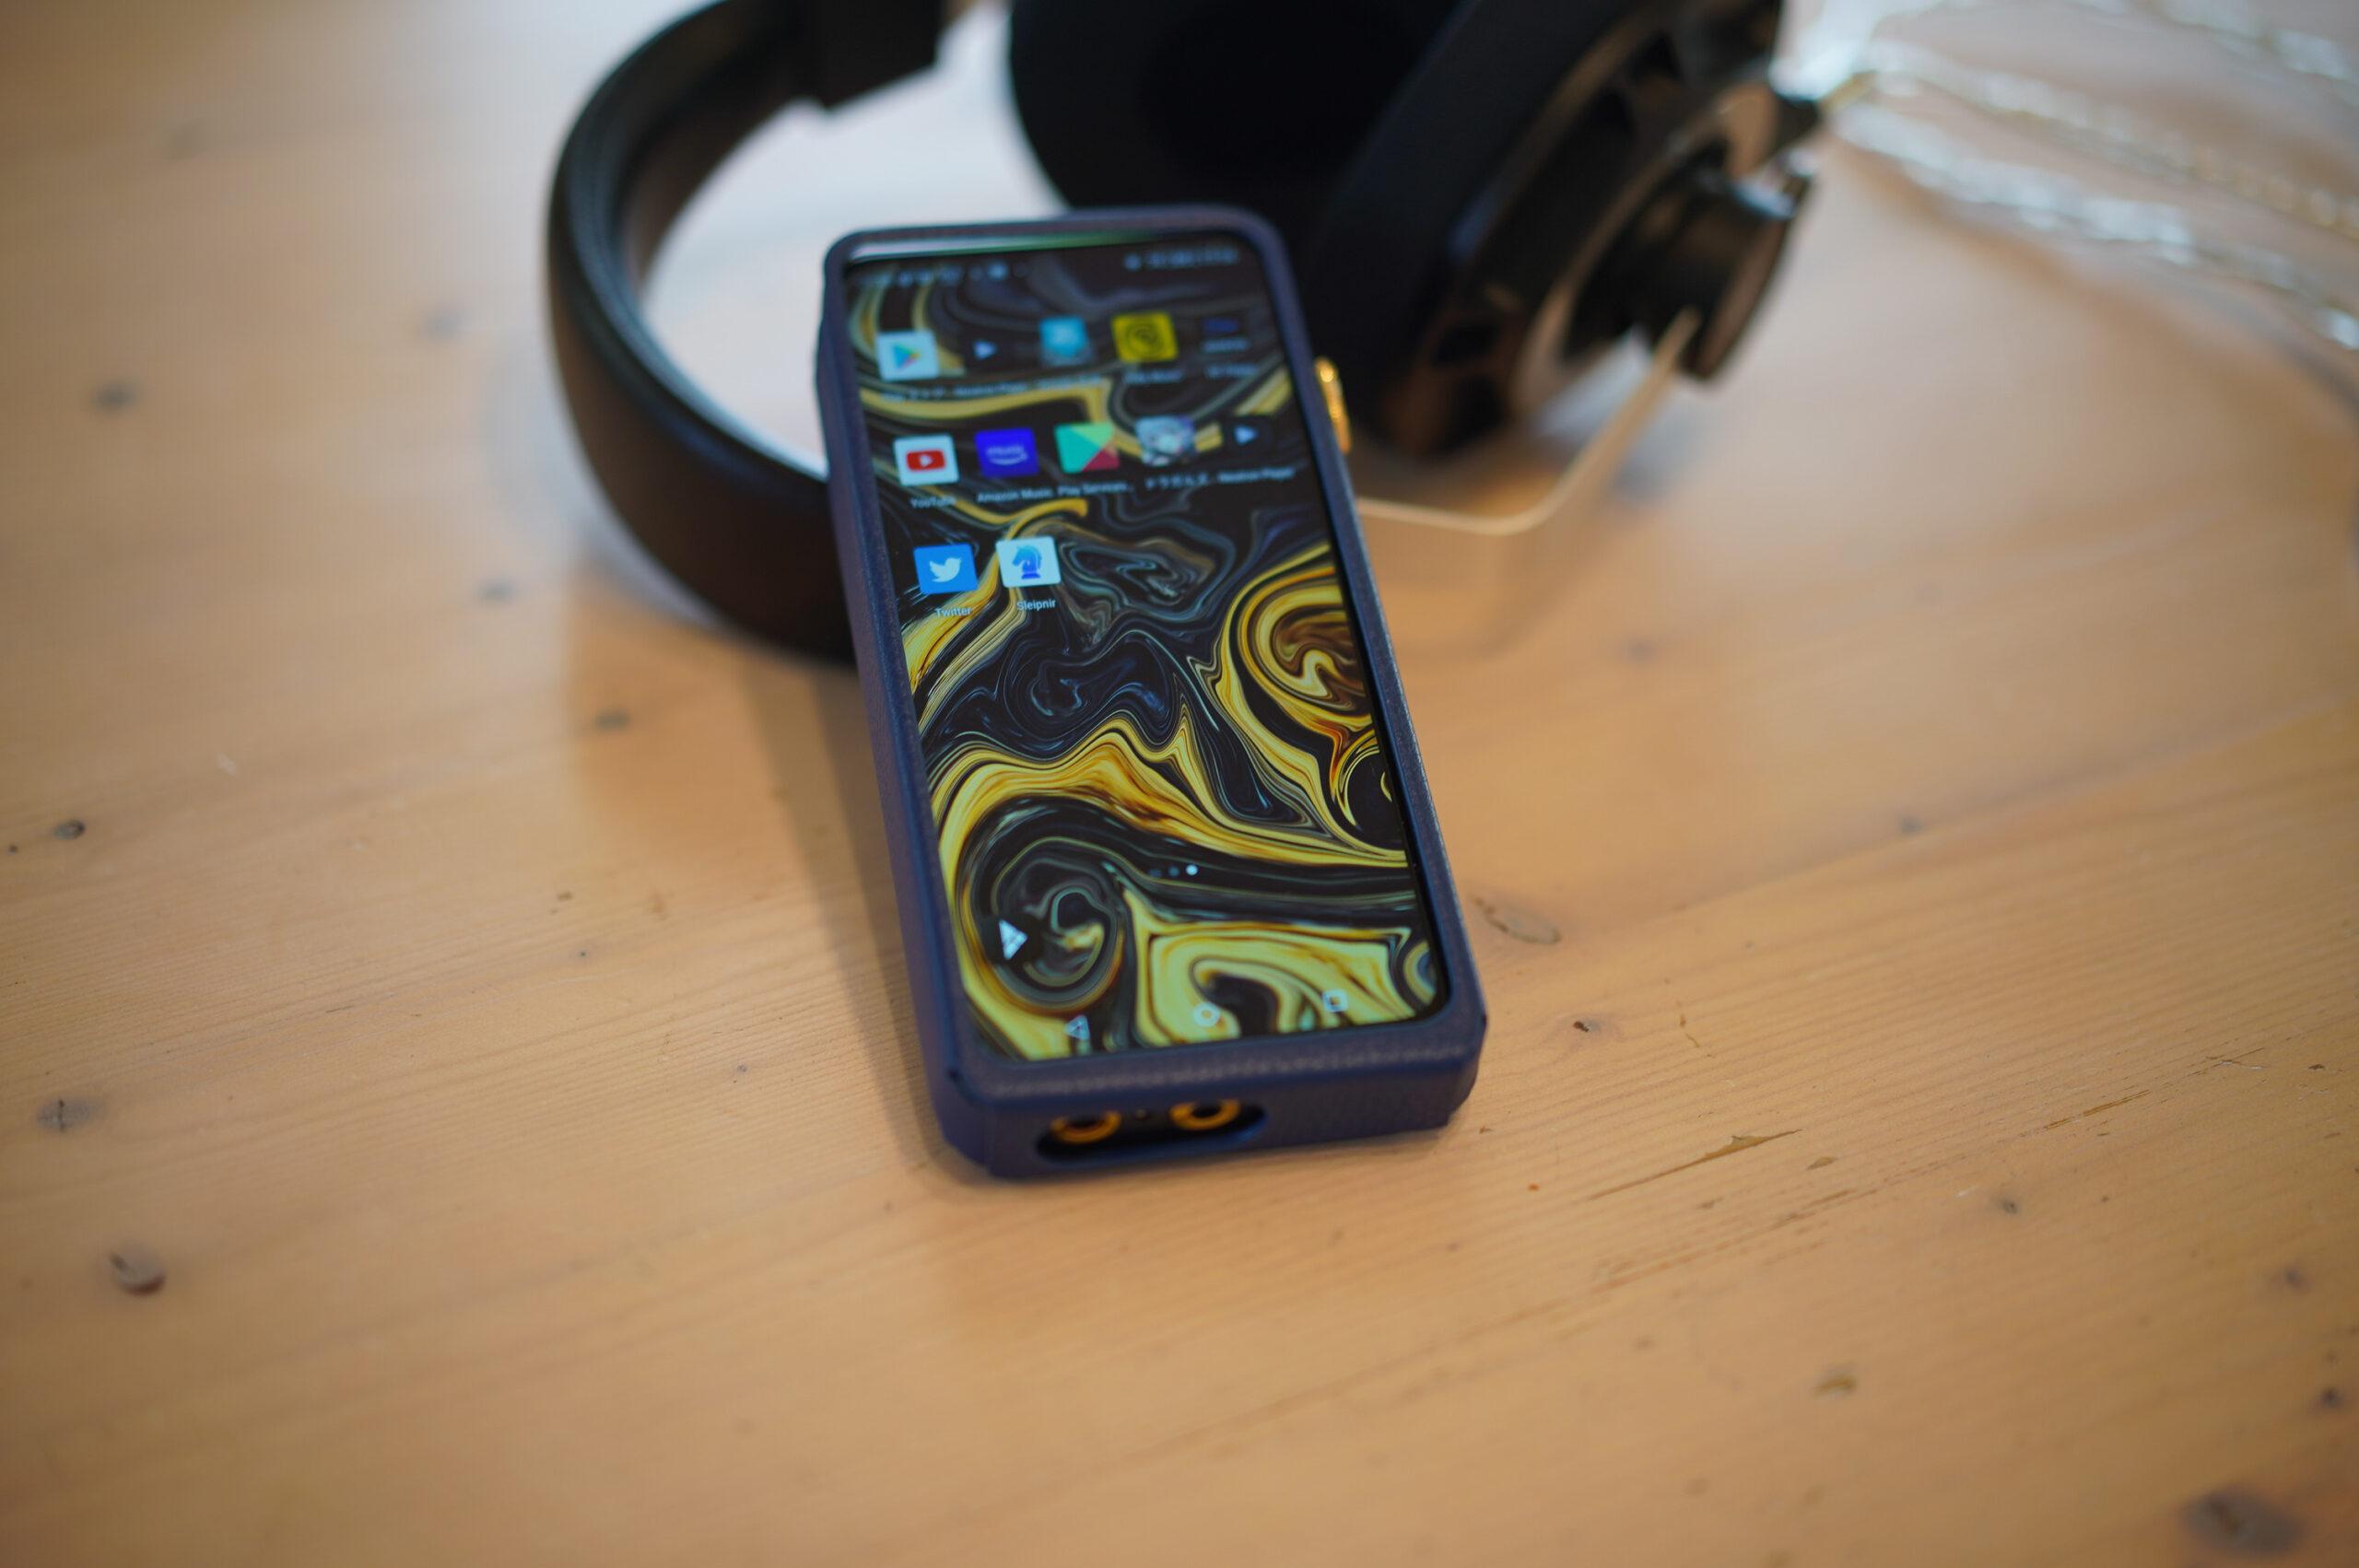 【Ibasso DX300レビュー】 高音質だけじゃない!大画面を活かした楽しみ方ができる最強DAP